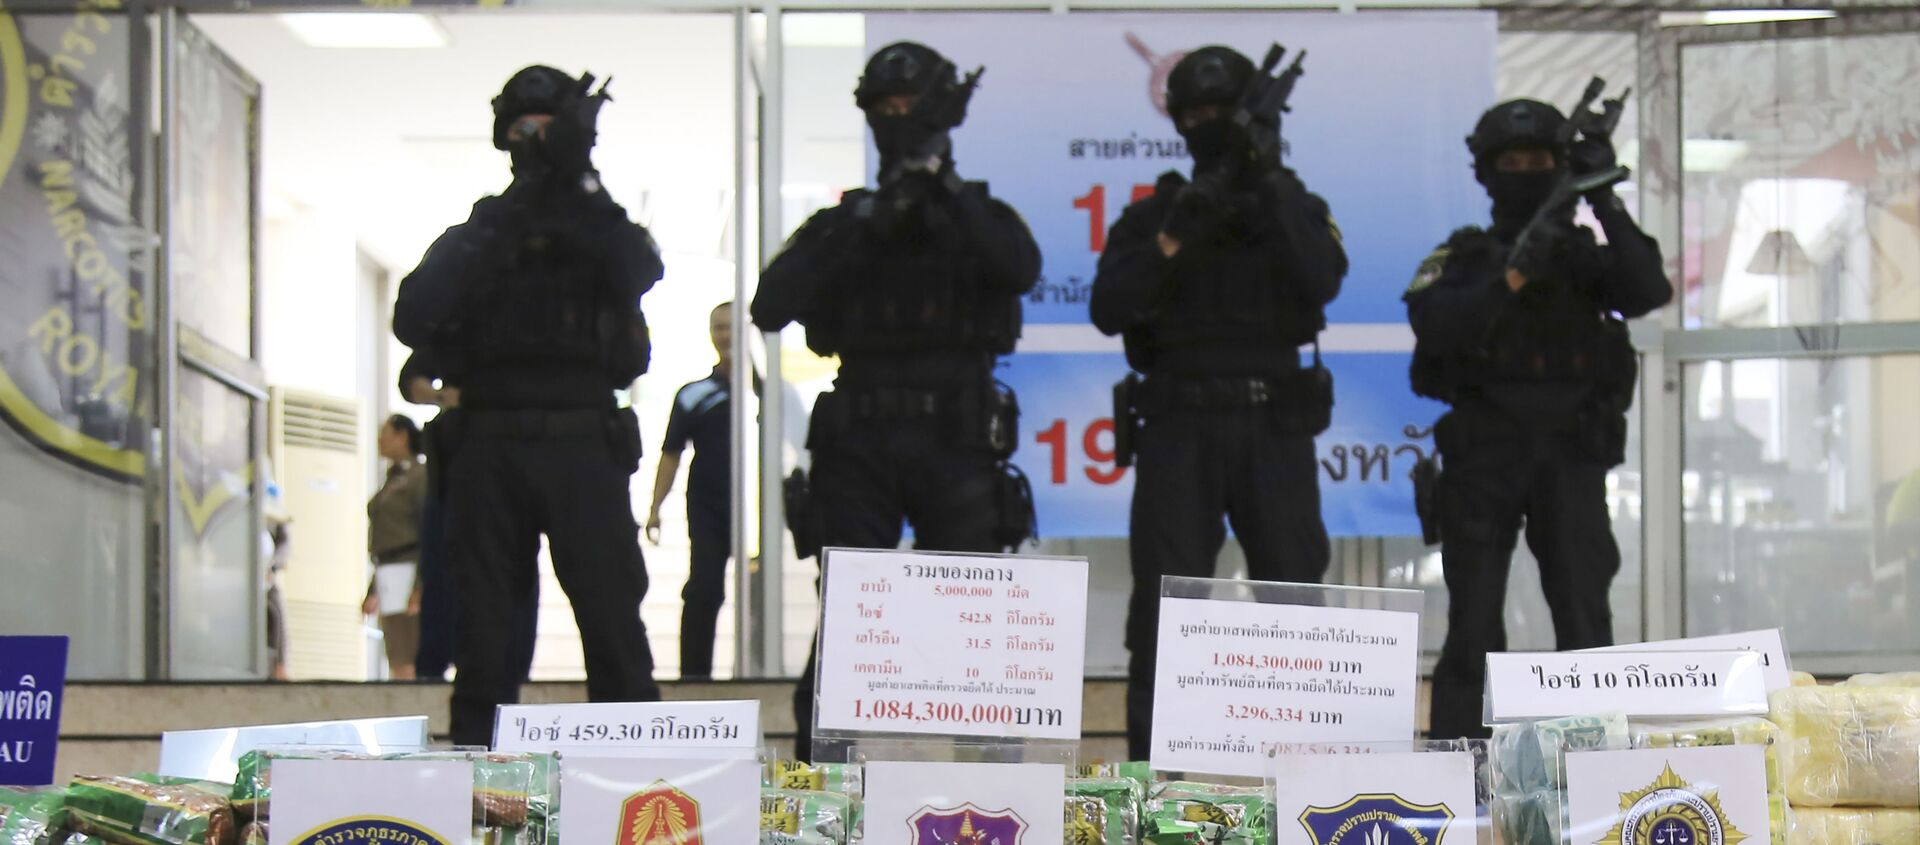 Policías tailandeses con paquetes de metanfetamina incautada proveniente de Birmania - Sputnik Mundo, 1920, 09.02.2021